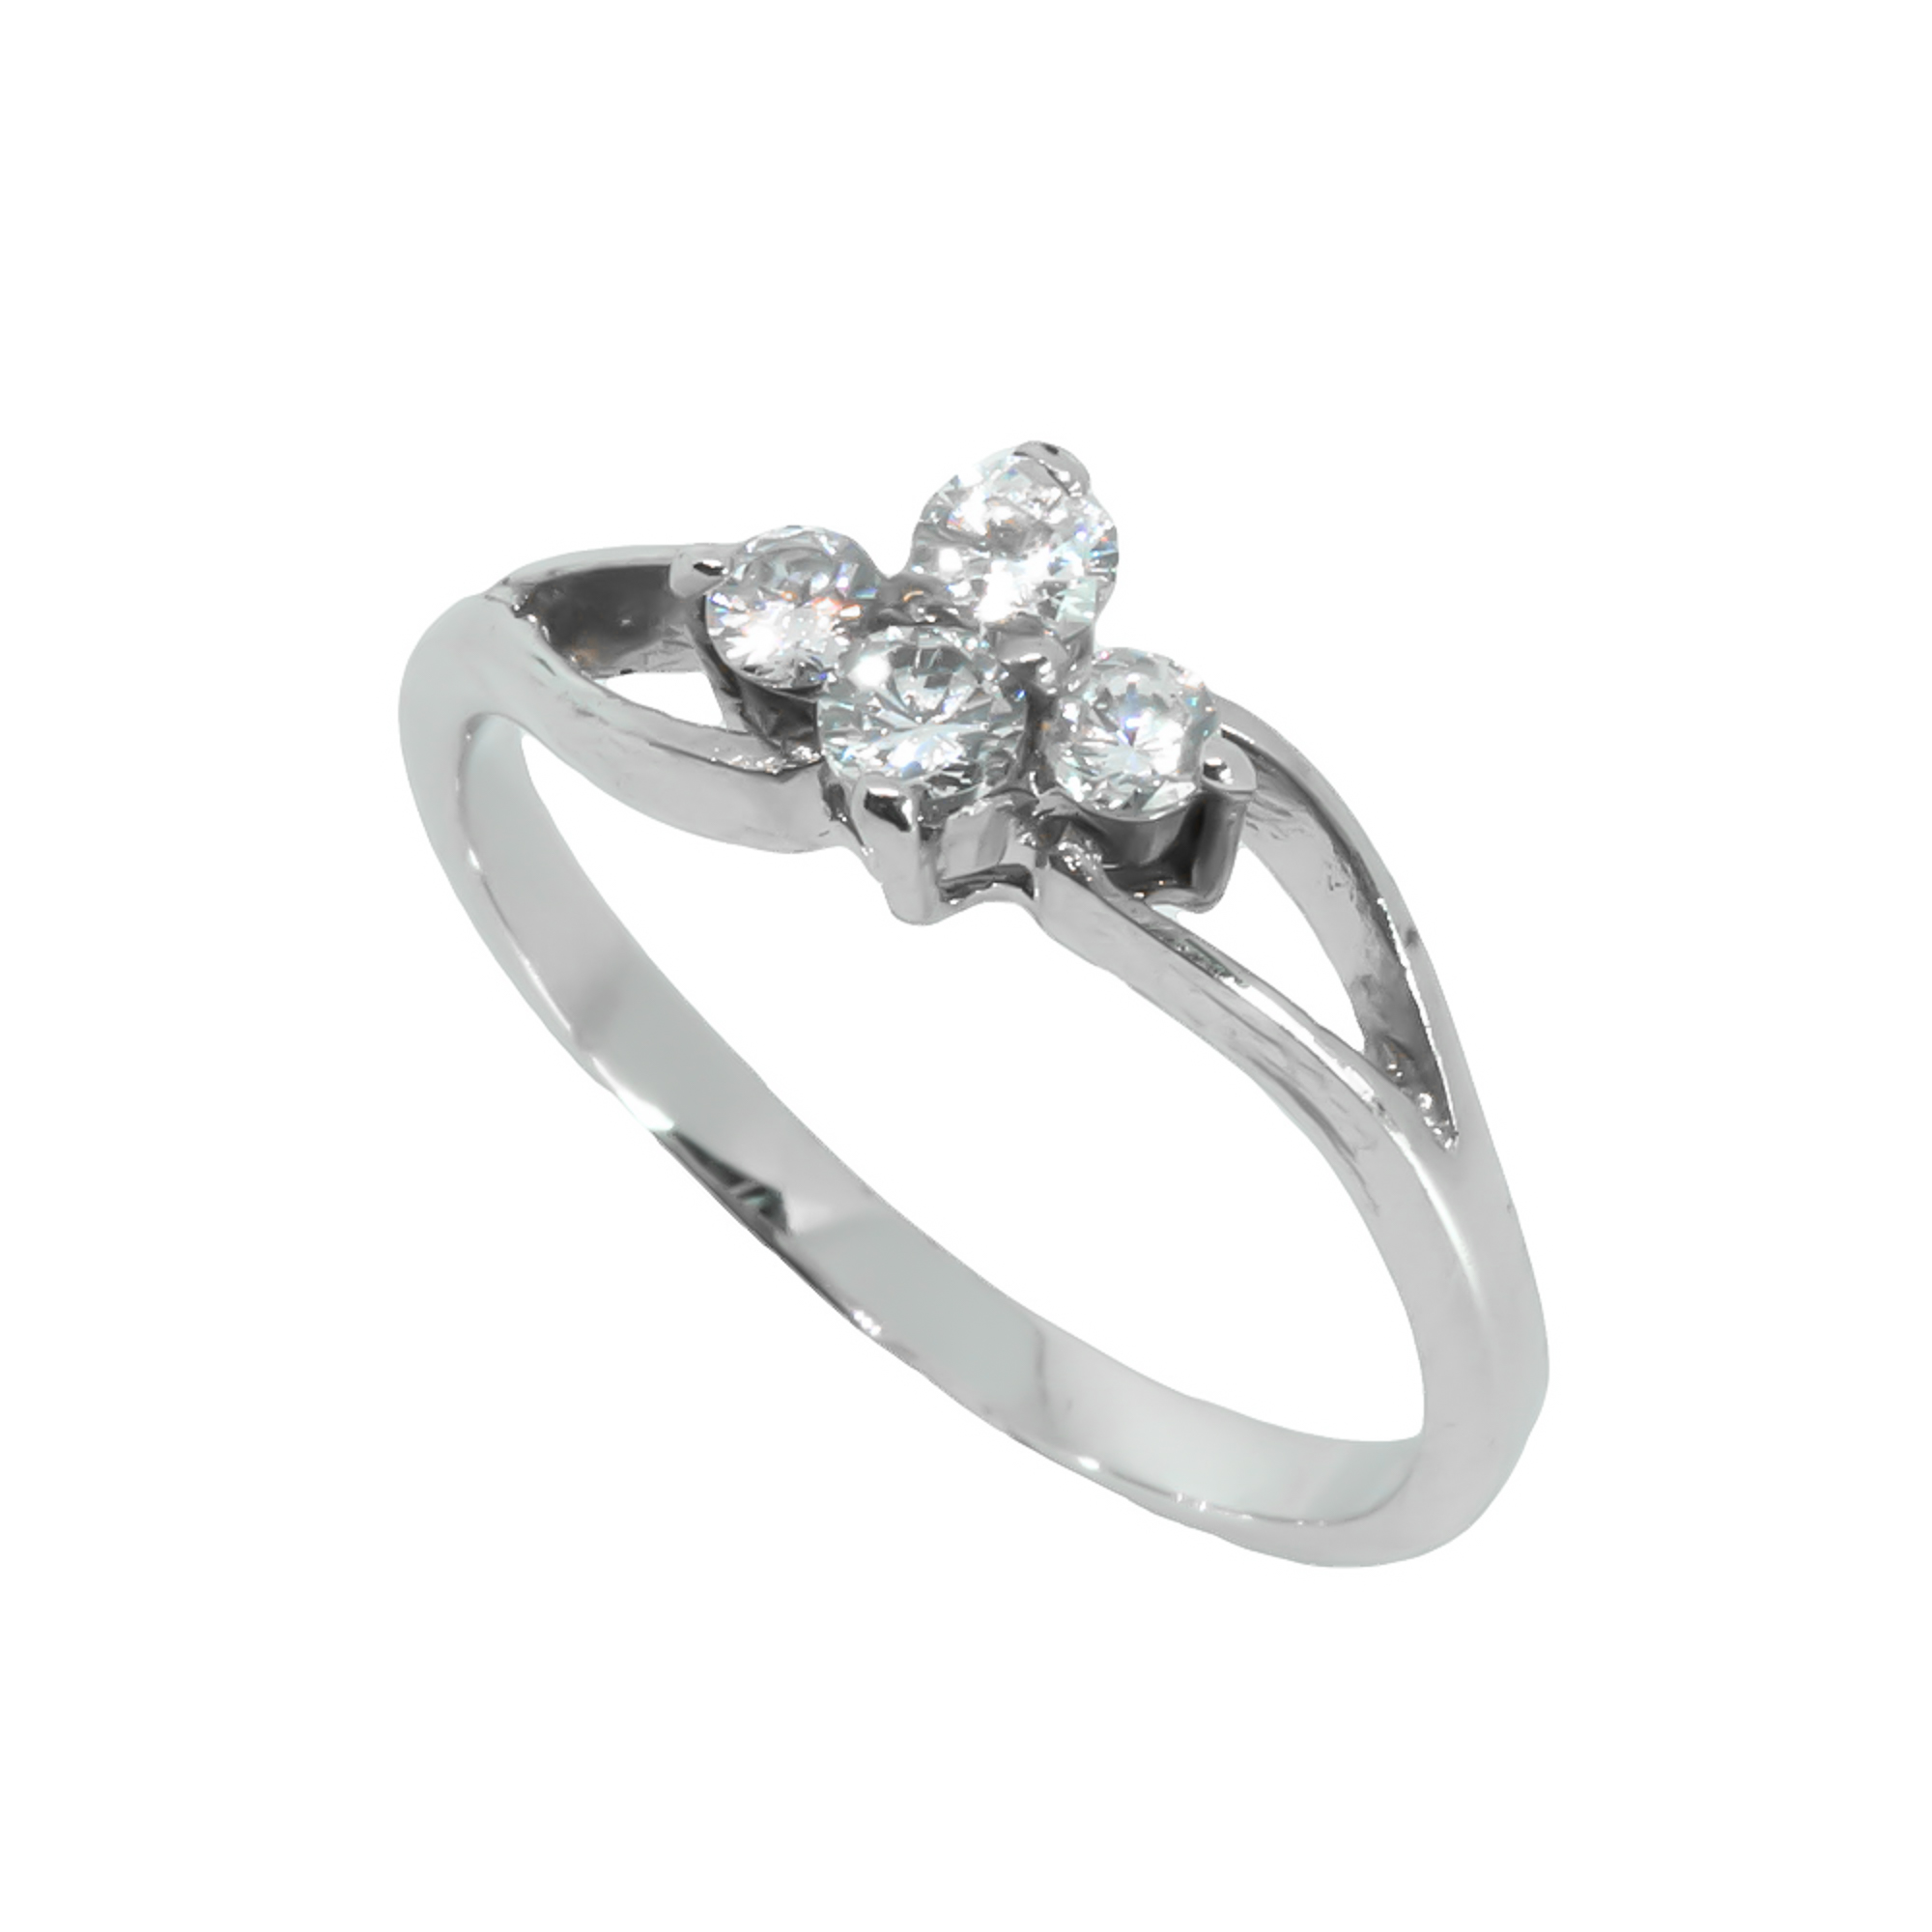 แหวนเพชรCZ หุ้มทองคำขาวแท้ ไซส์ 54